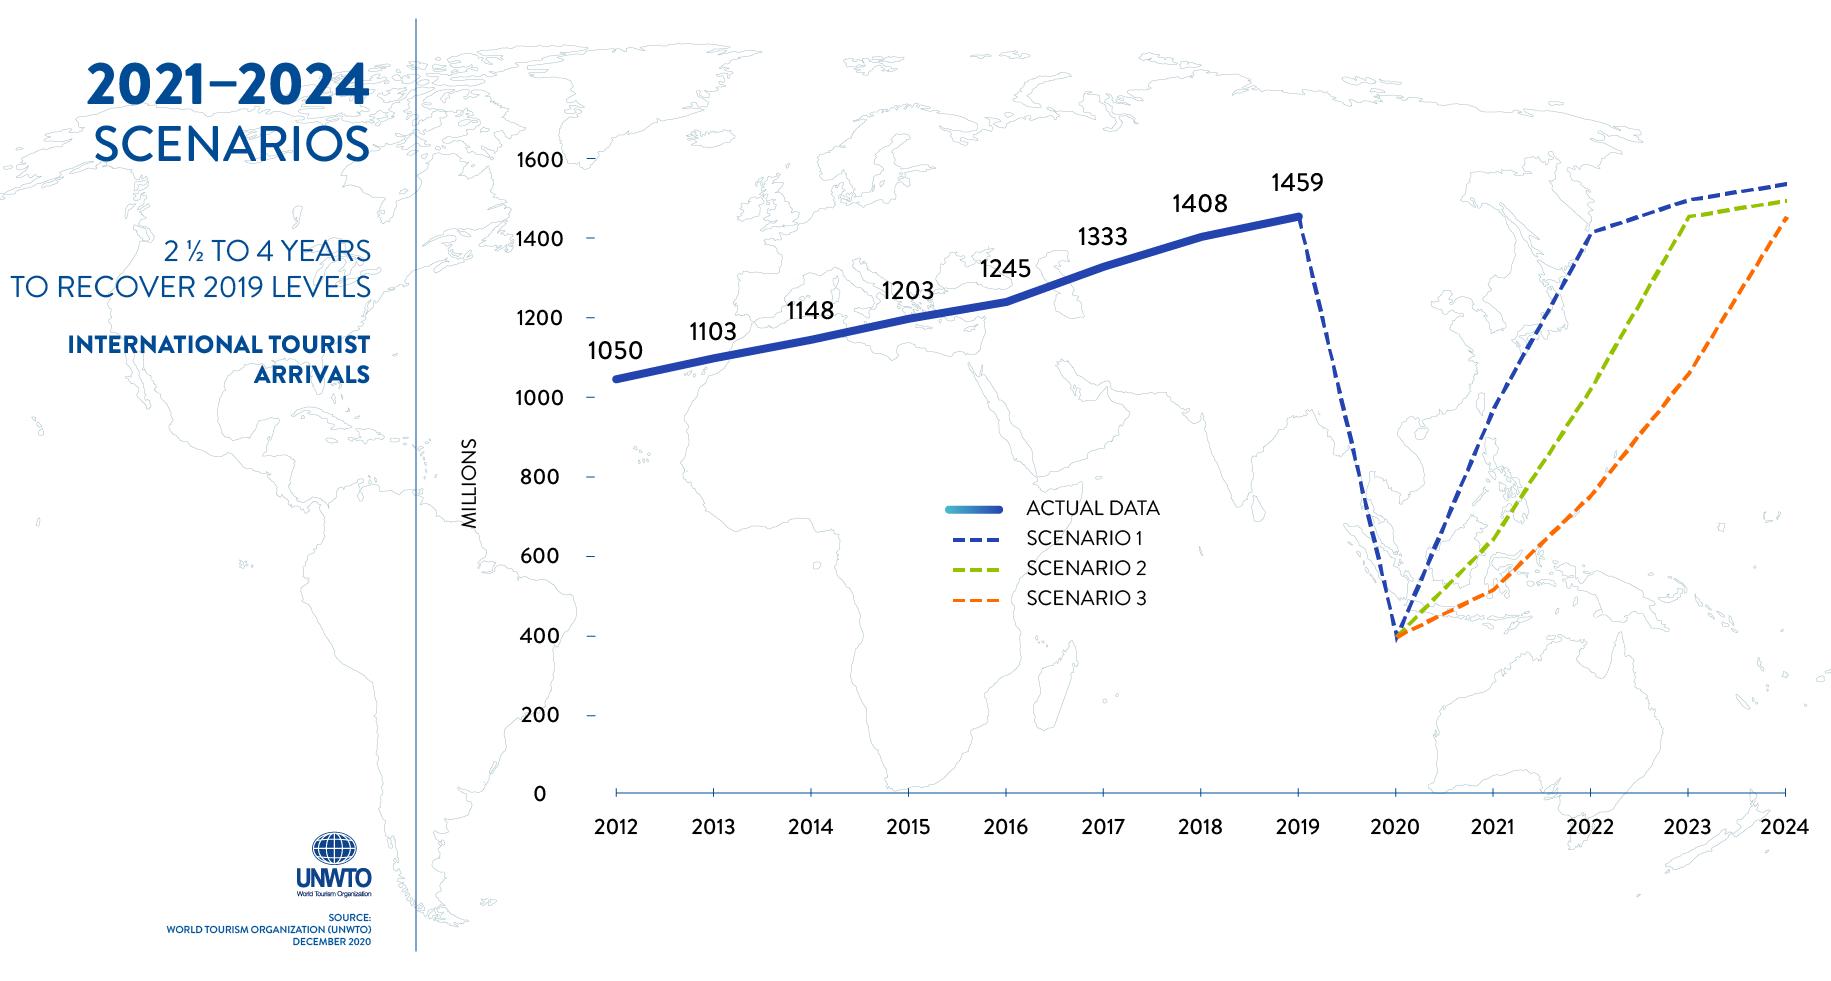 2021-2024 Scenarios UNWTO